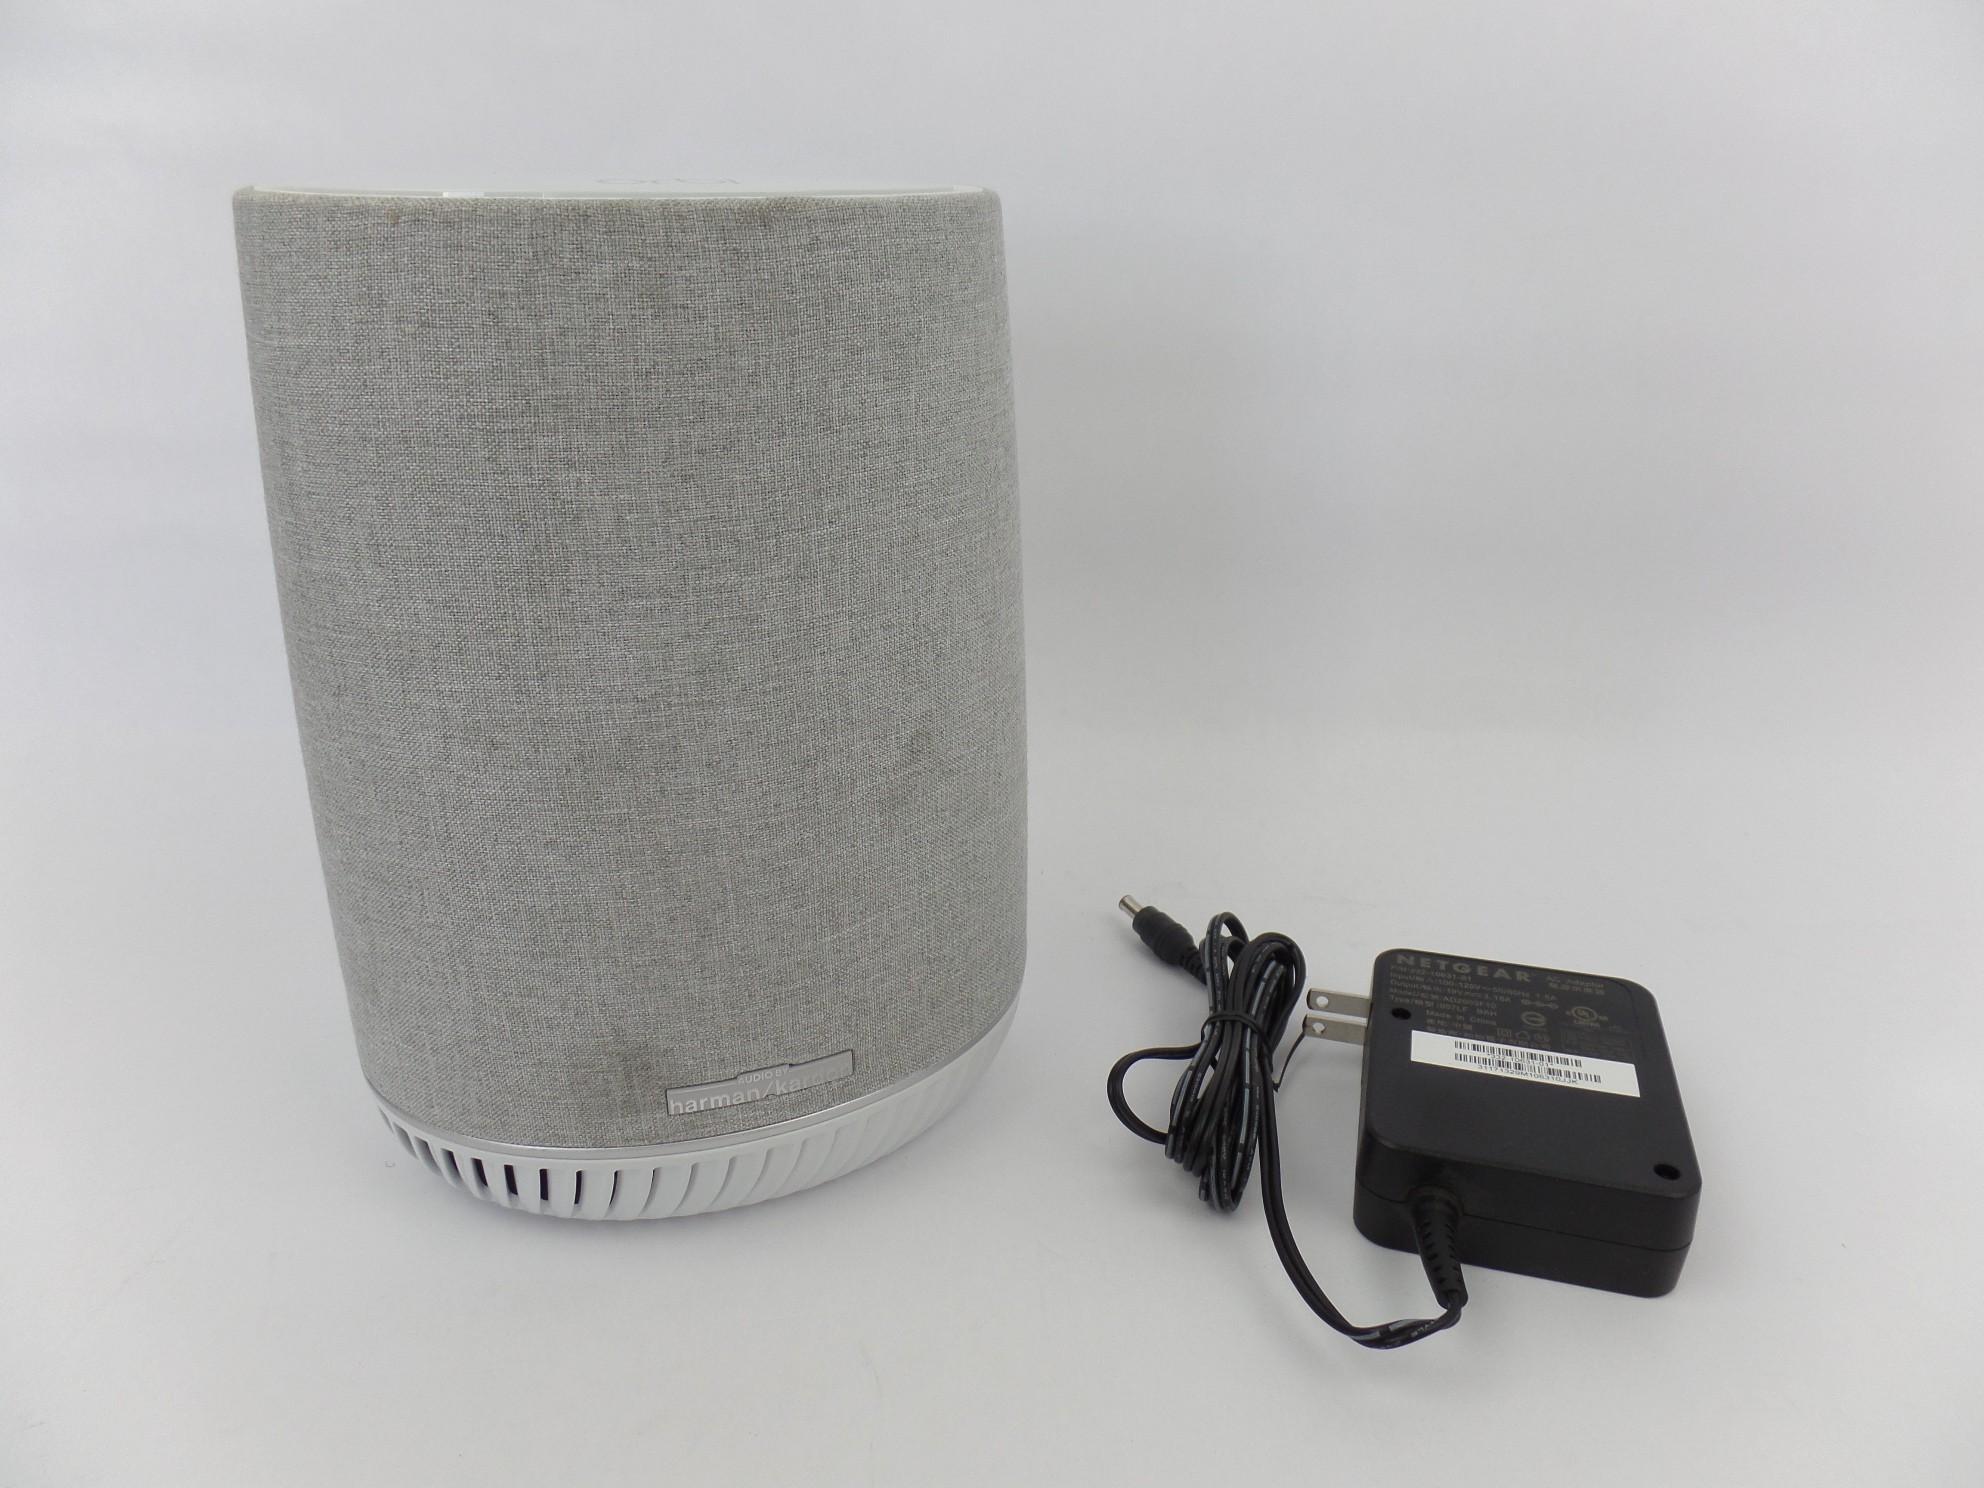 Netgear Orbi Voice Smart Speaker w/ WiFi Mesh Extender Built-in RBS40V